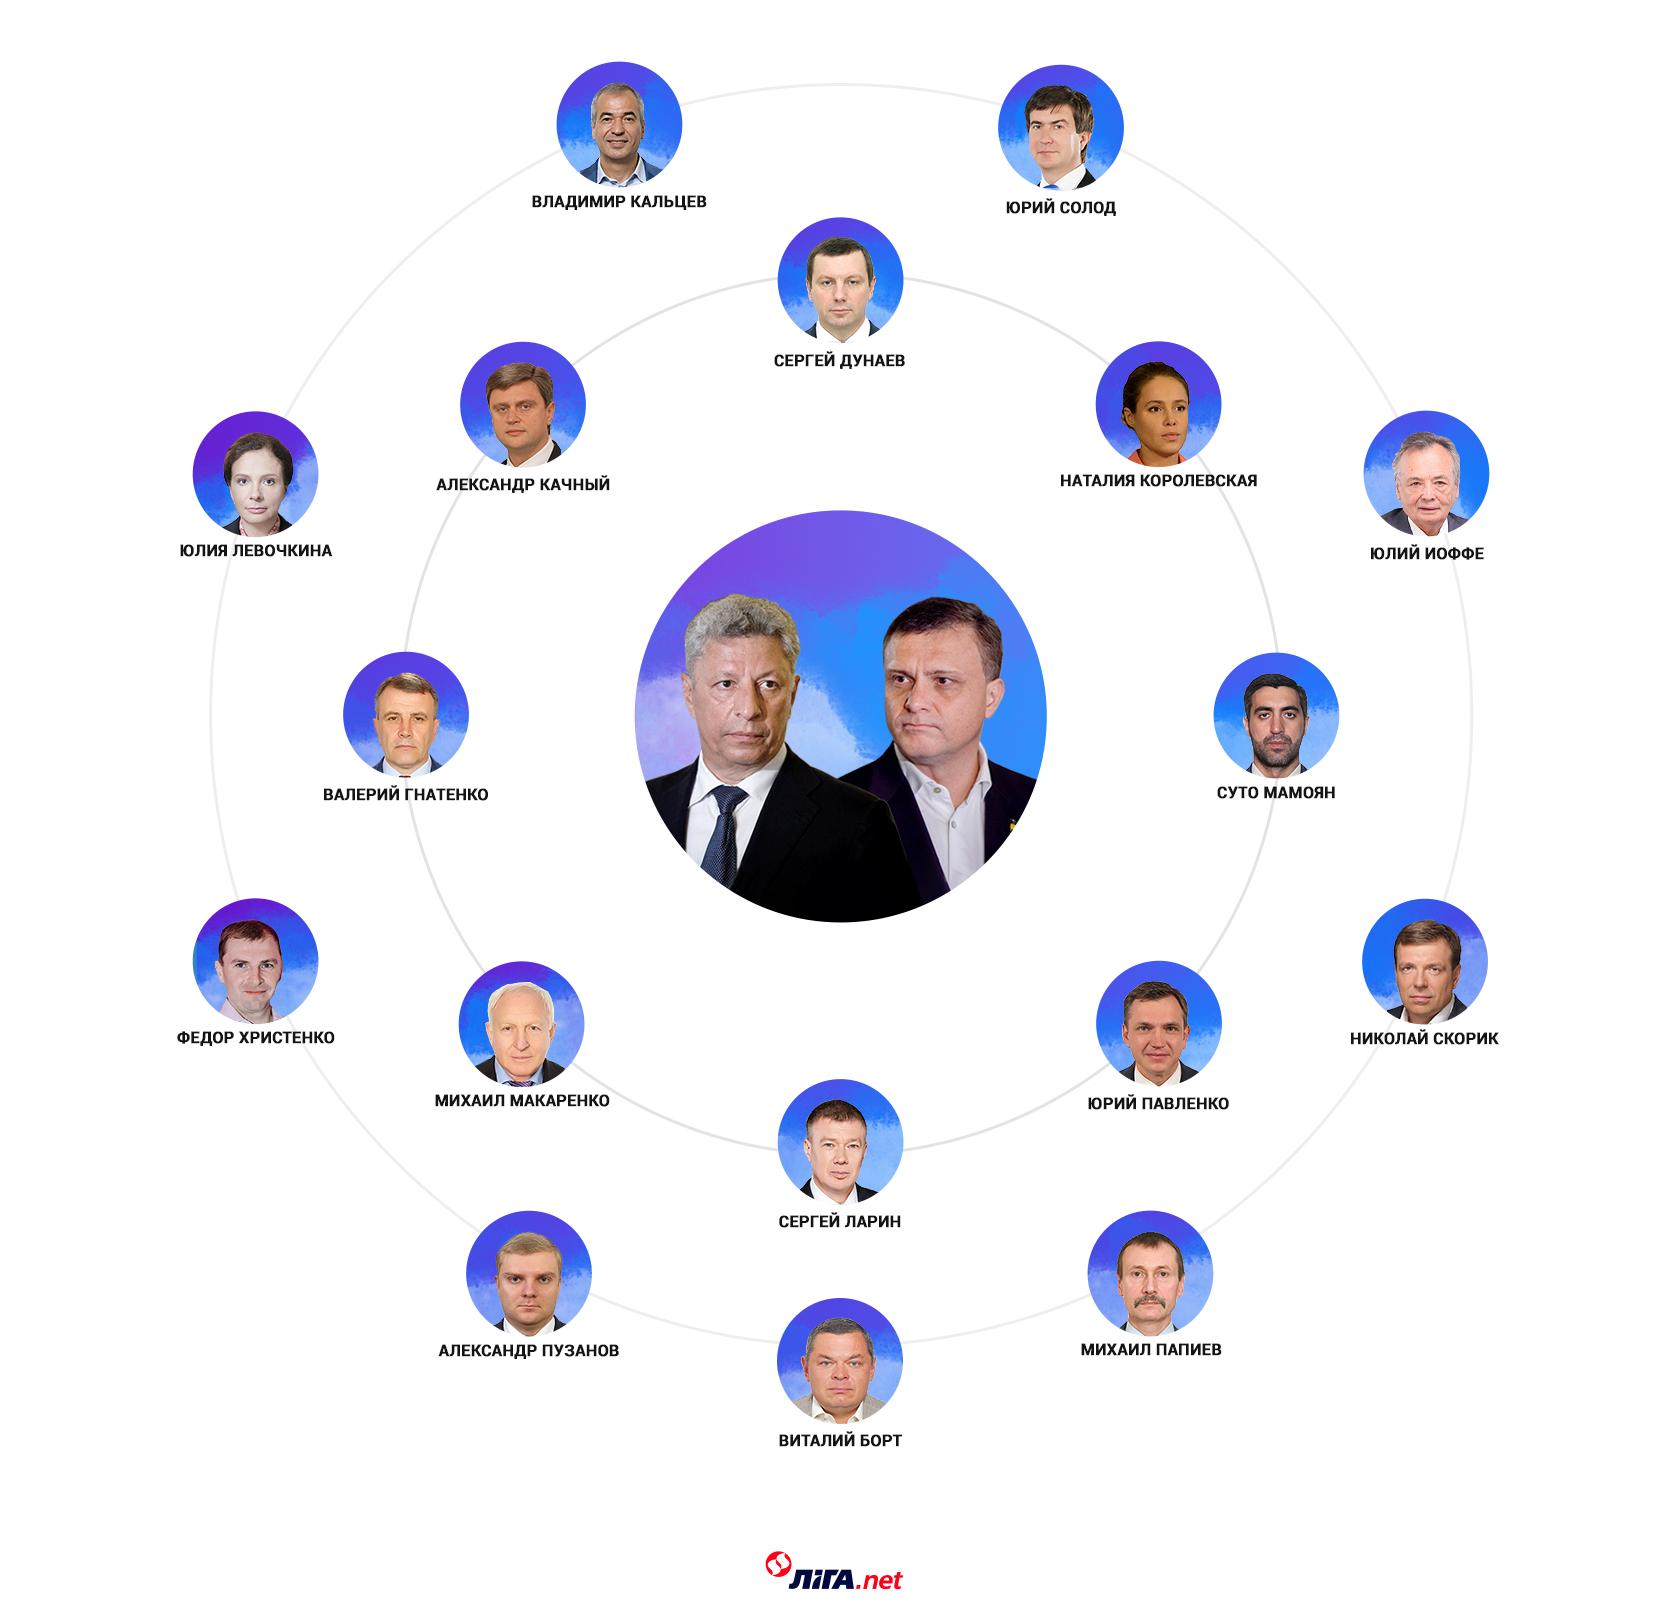 Группа Бойко-Левочкина (инфографика – LIGА.net)